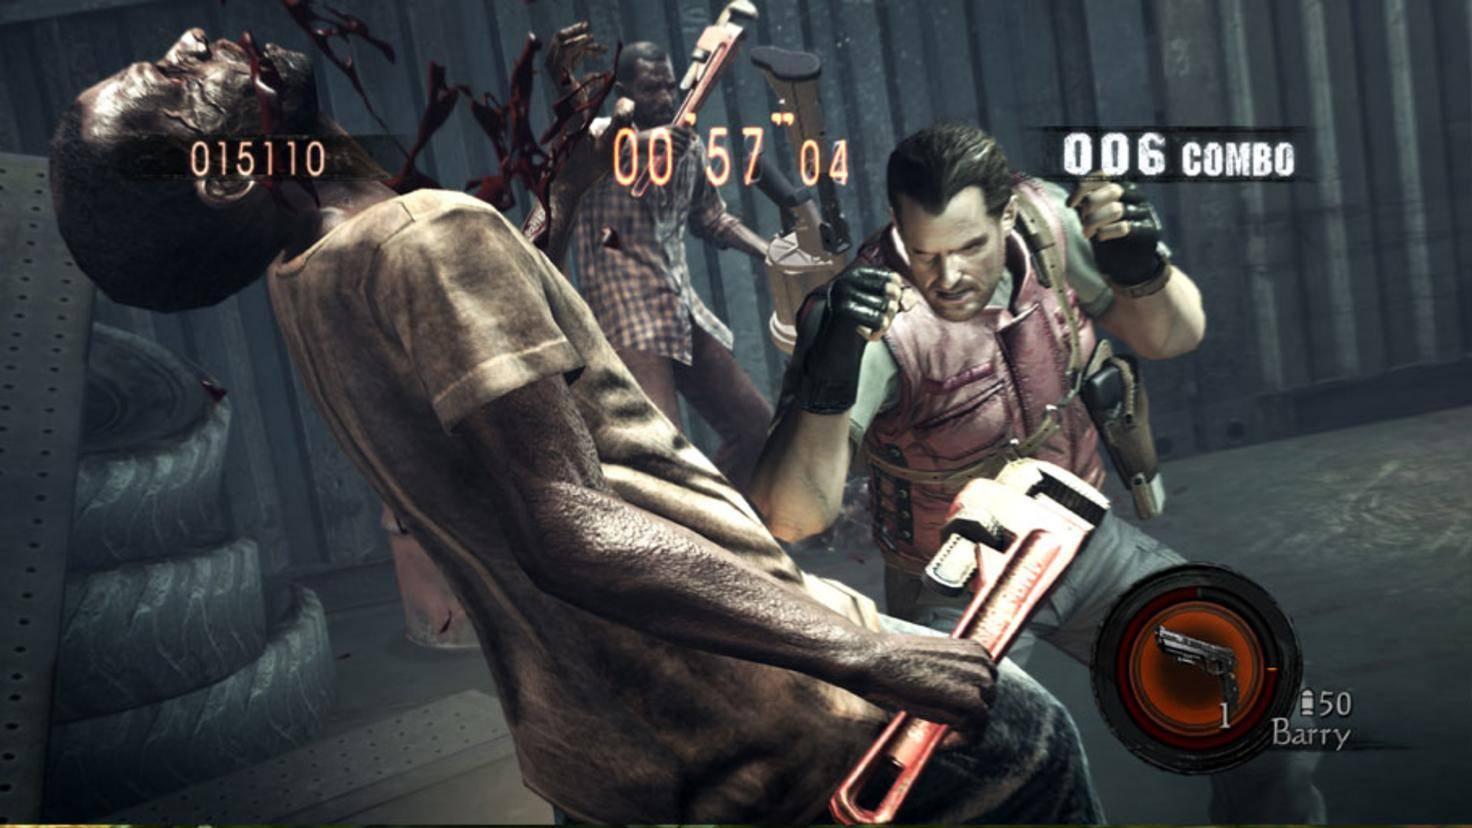 Resident-Evil-Mercenaries-Barry